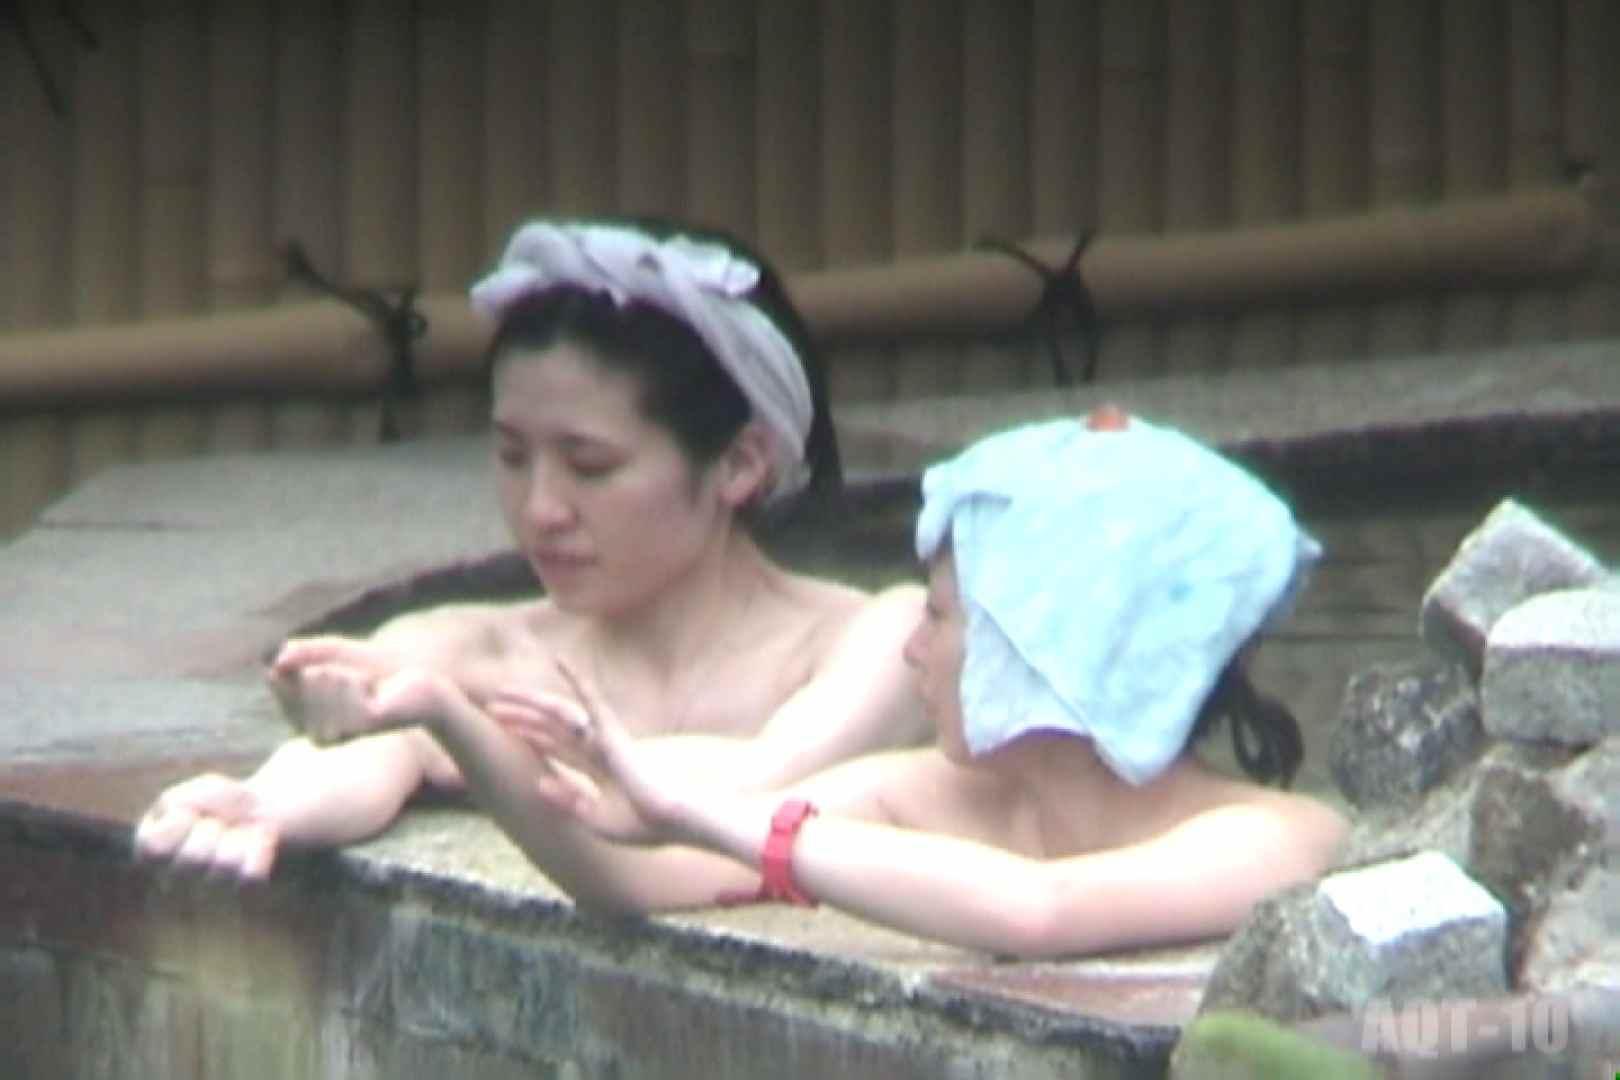 Aquaな露天風呂Vol.793 露天 | 盗撮特集  56画像 27